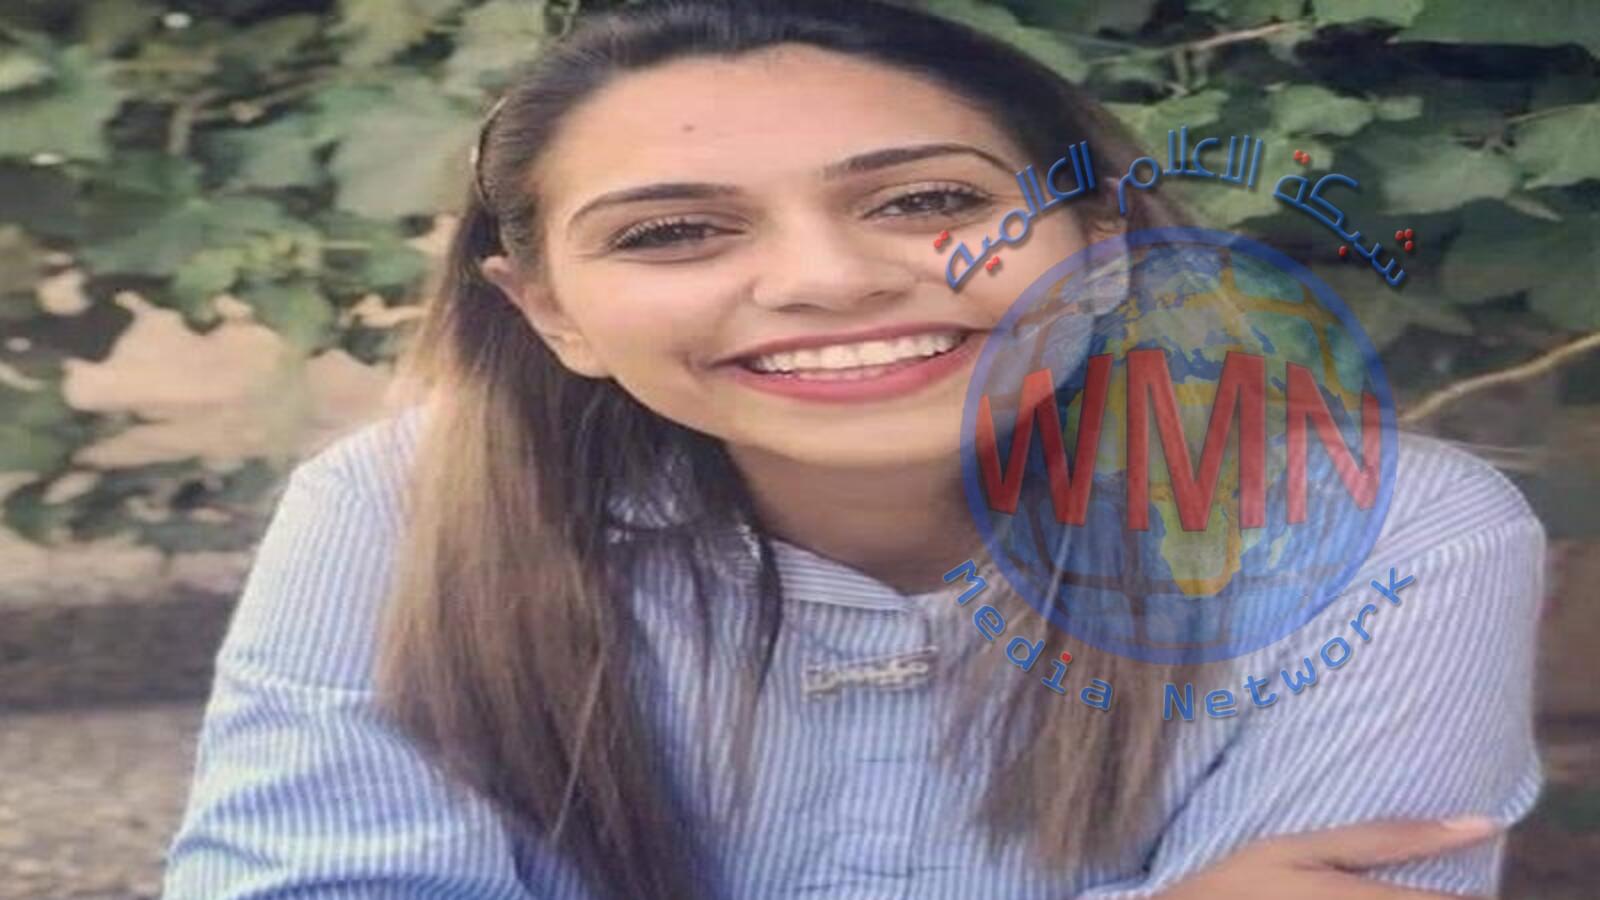 وفاة فتاة فلسطينية في ظروف غامضة يعيد إسراء غريب إلى المشهد..تعرفوا على التفاصيل!